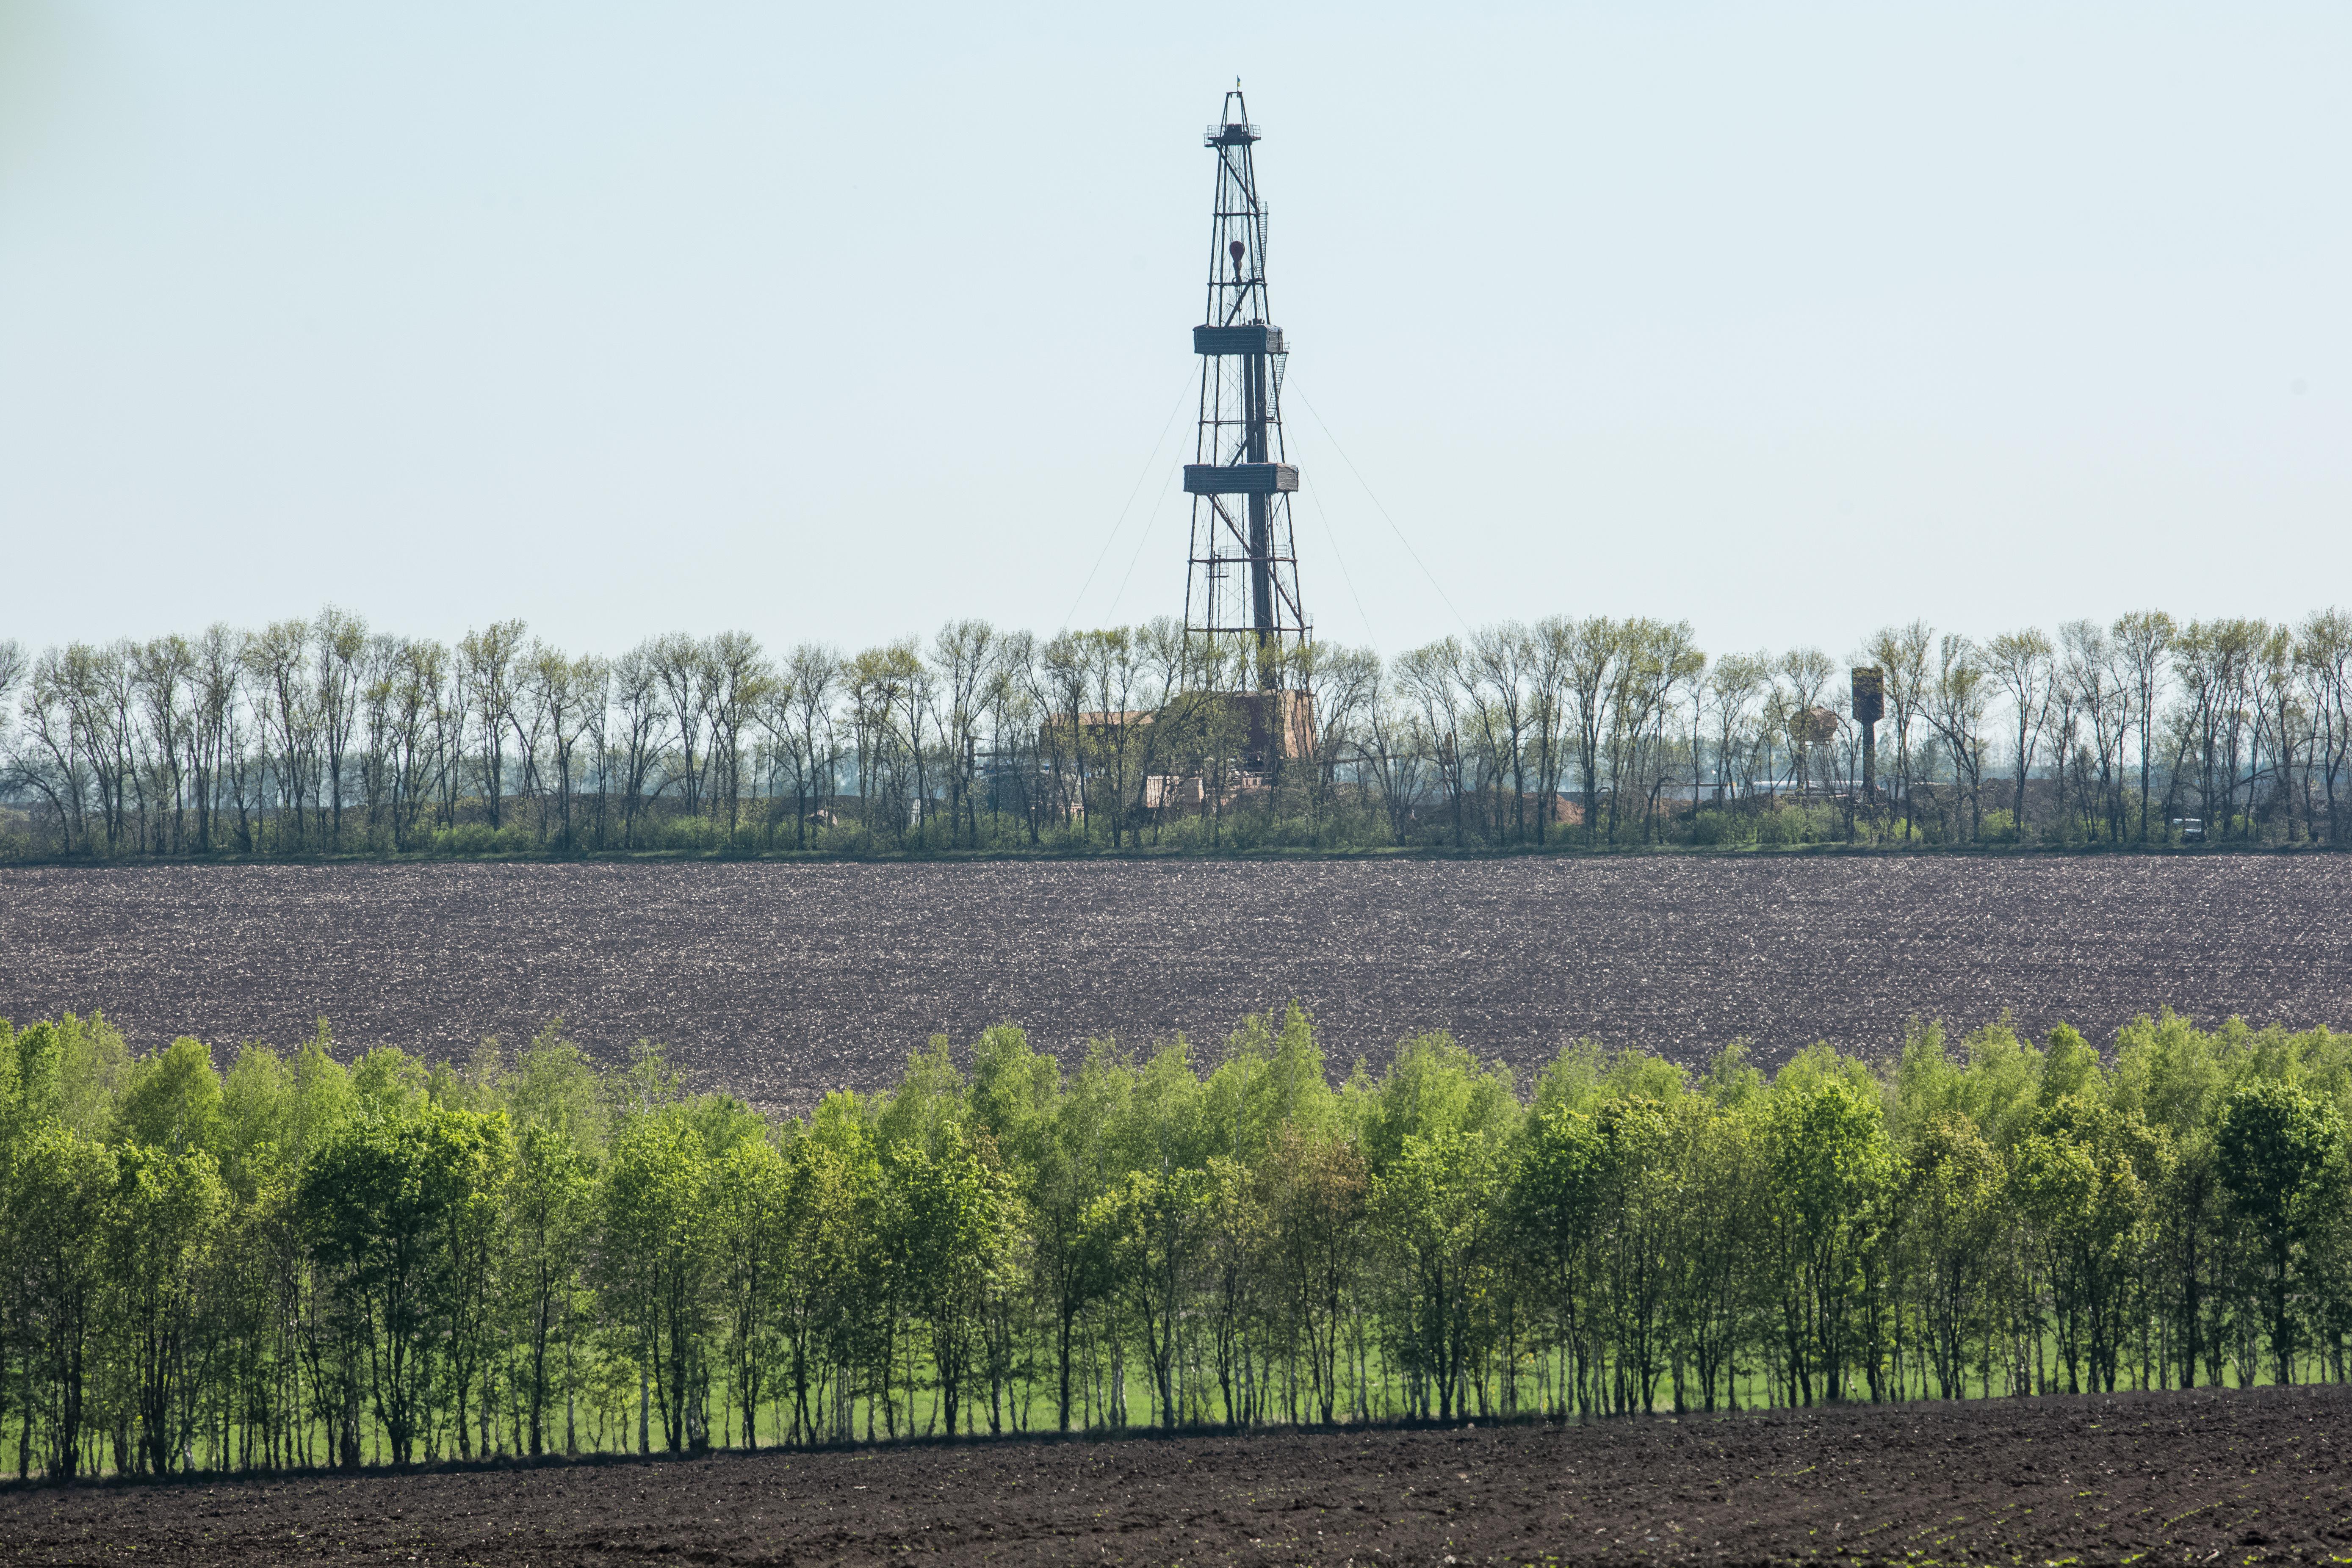 Укргазвидобування за І півріччя 2018 року спрямувало 236 млн грн рентних платежів до Полтавської області